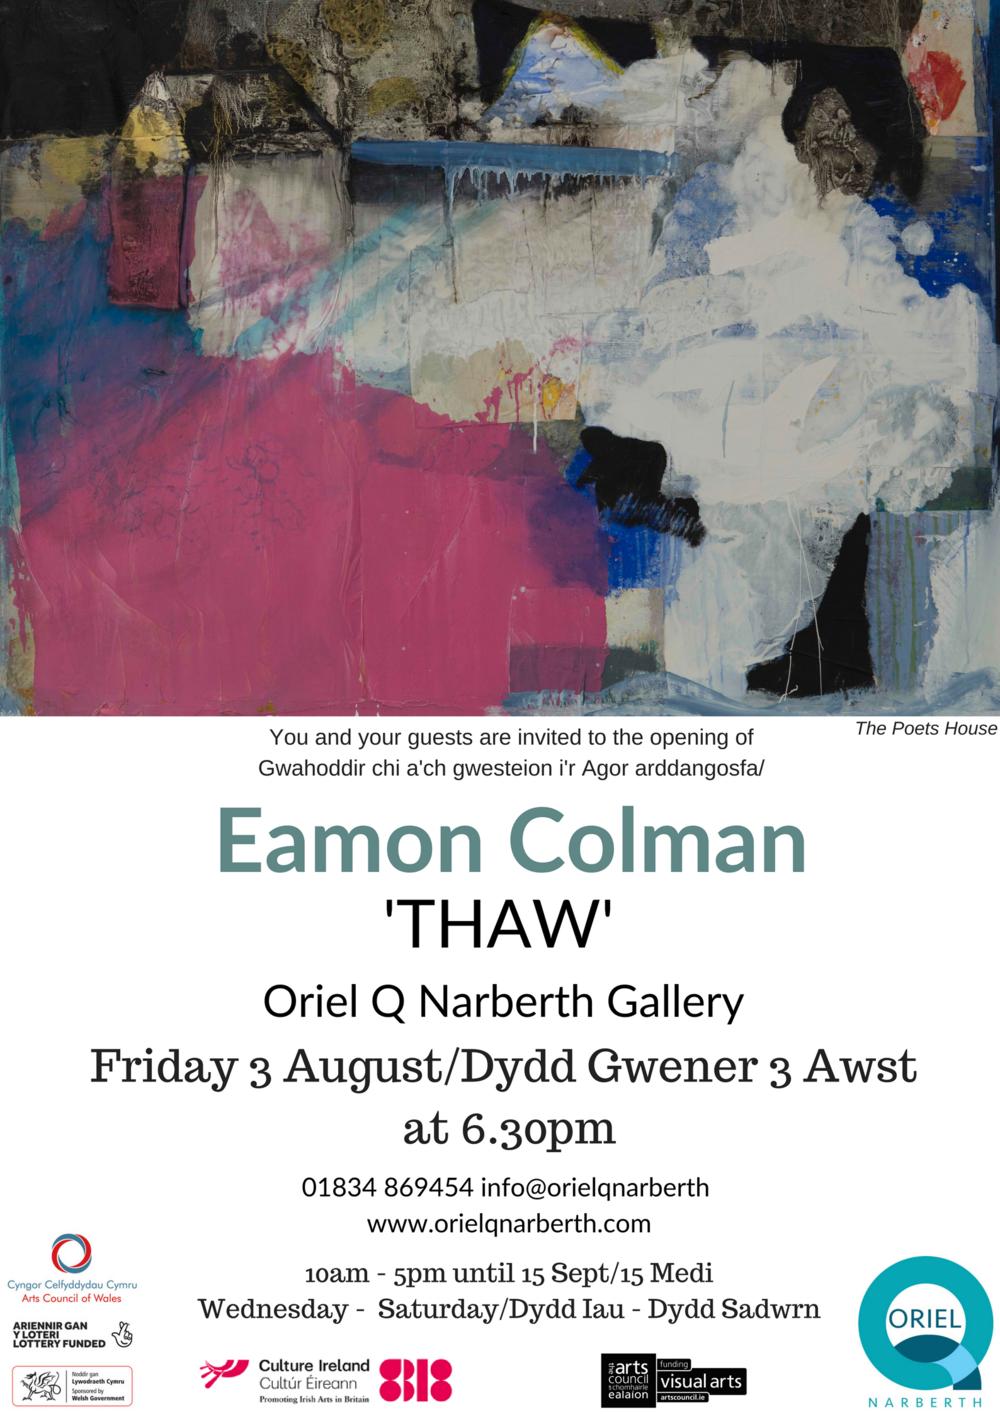 Eamon Colman invite poster.png